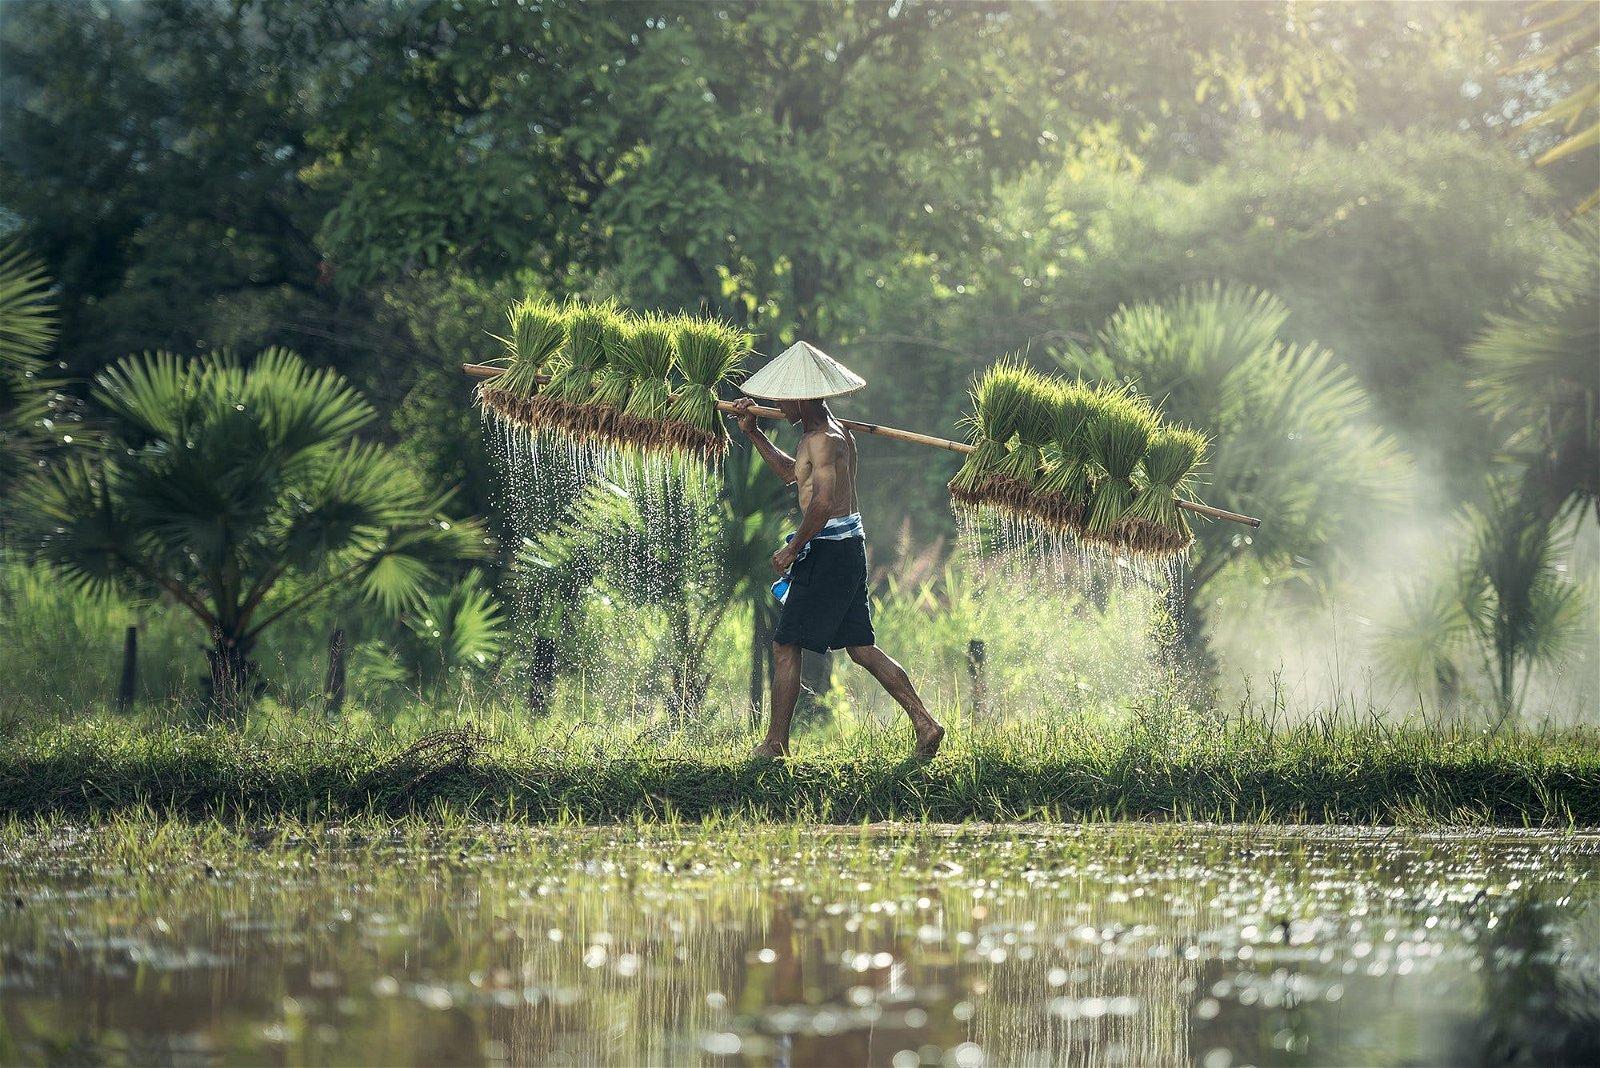 Agriculture bio pour nourrir l'humanité